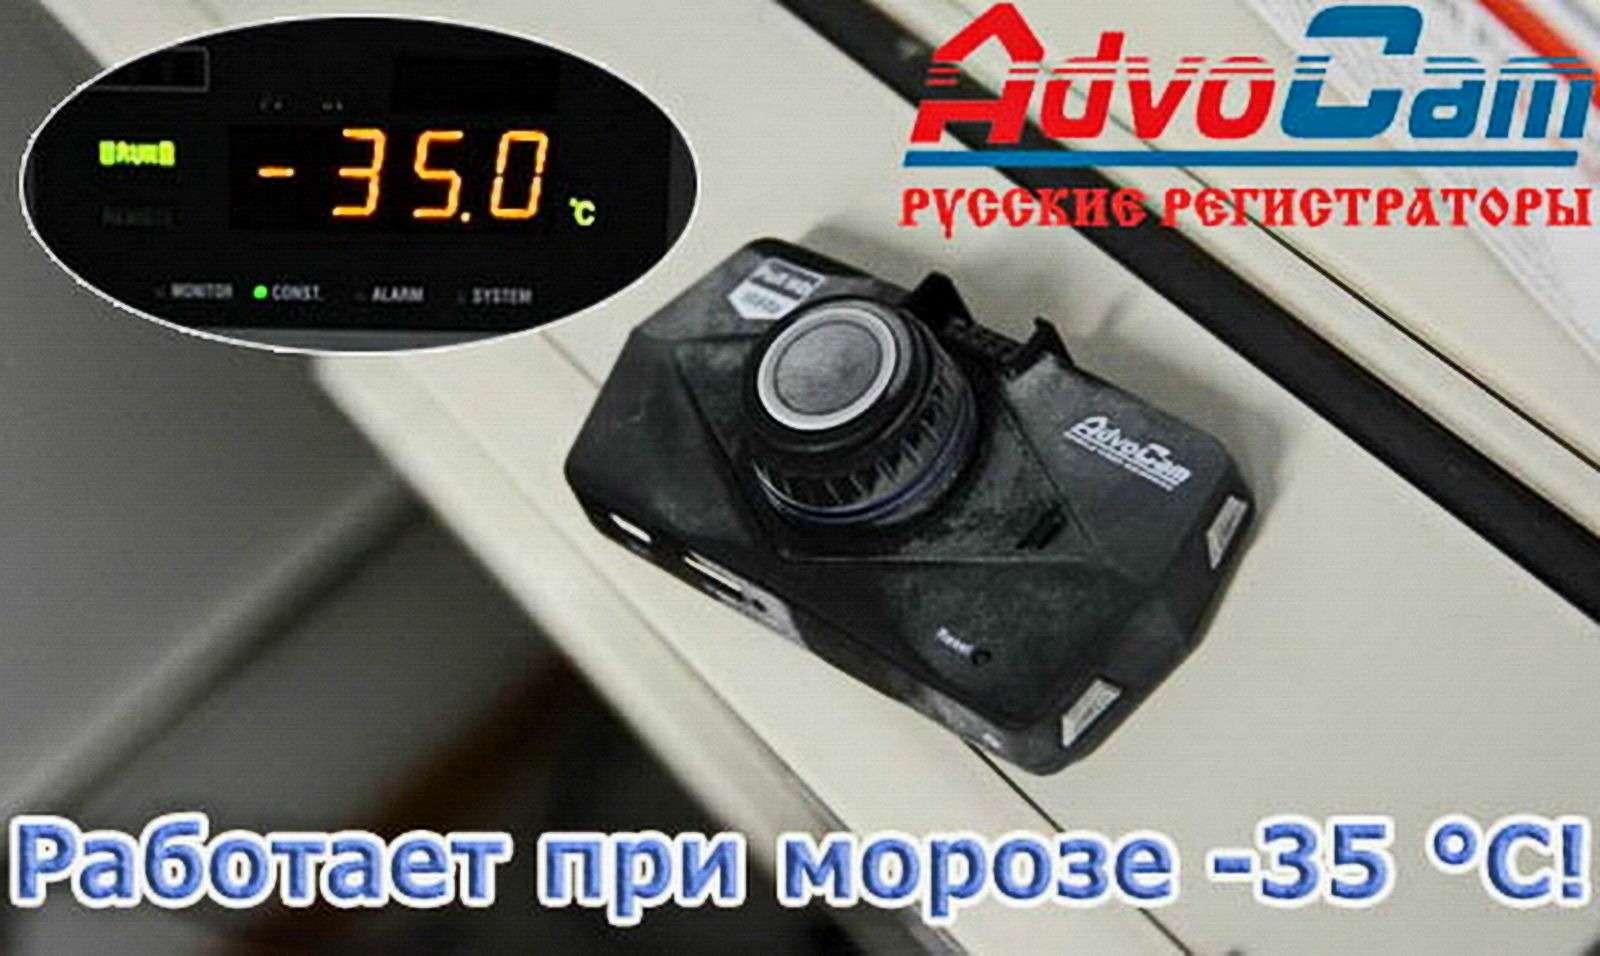 Национальный продукт: принципы создания русских видеорегистраторов AdvoCam— фото 677344